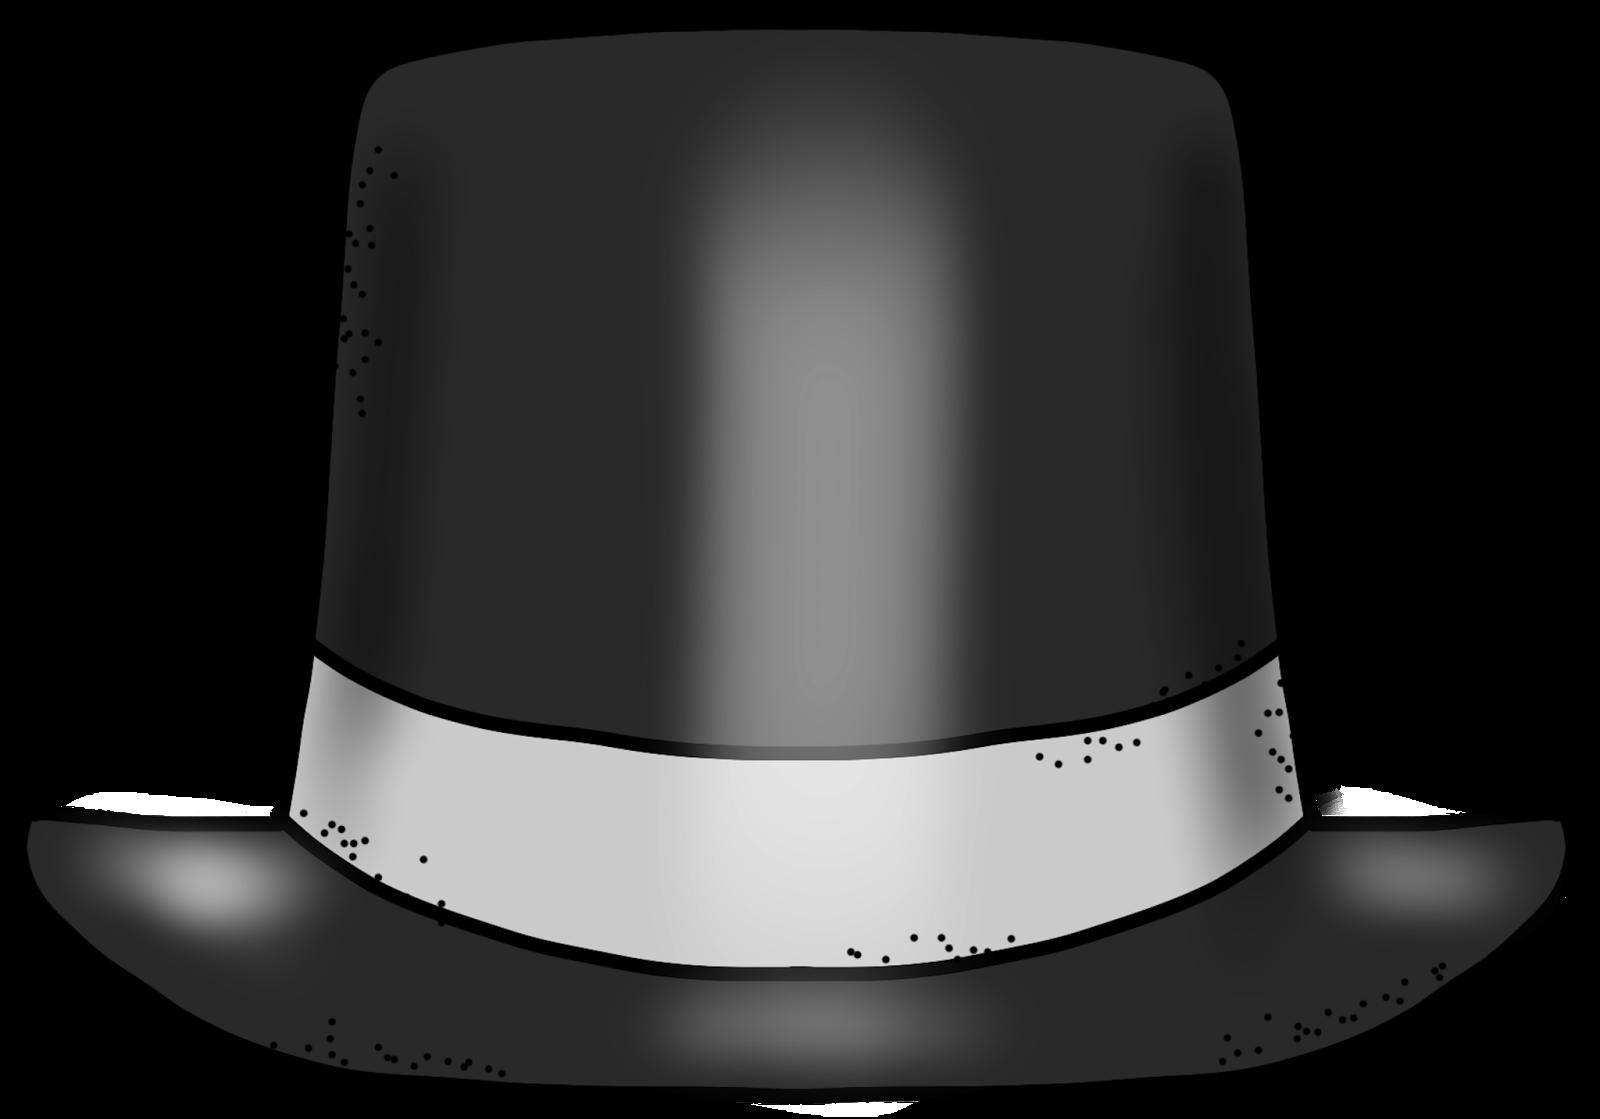 Top Hat Clipart Png - ClipArt Best